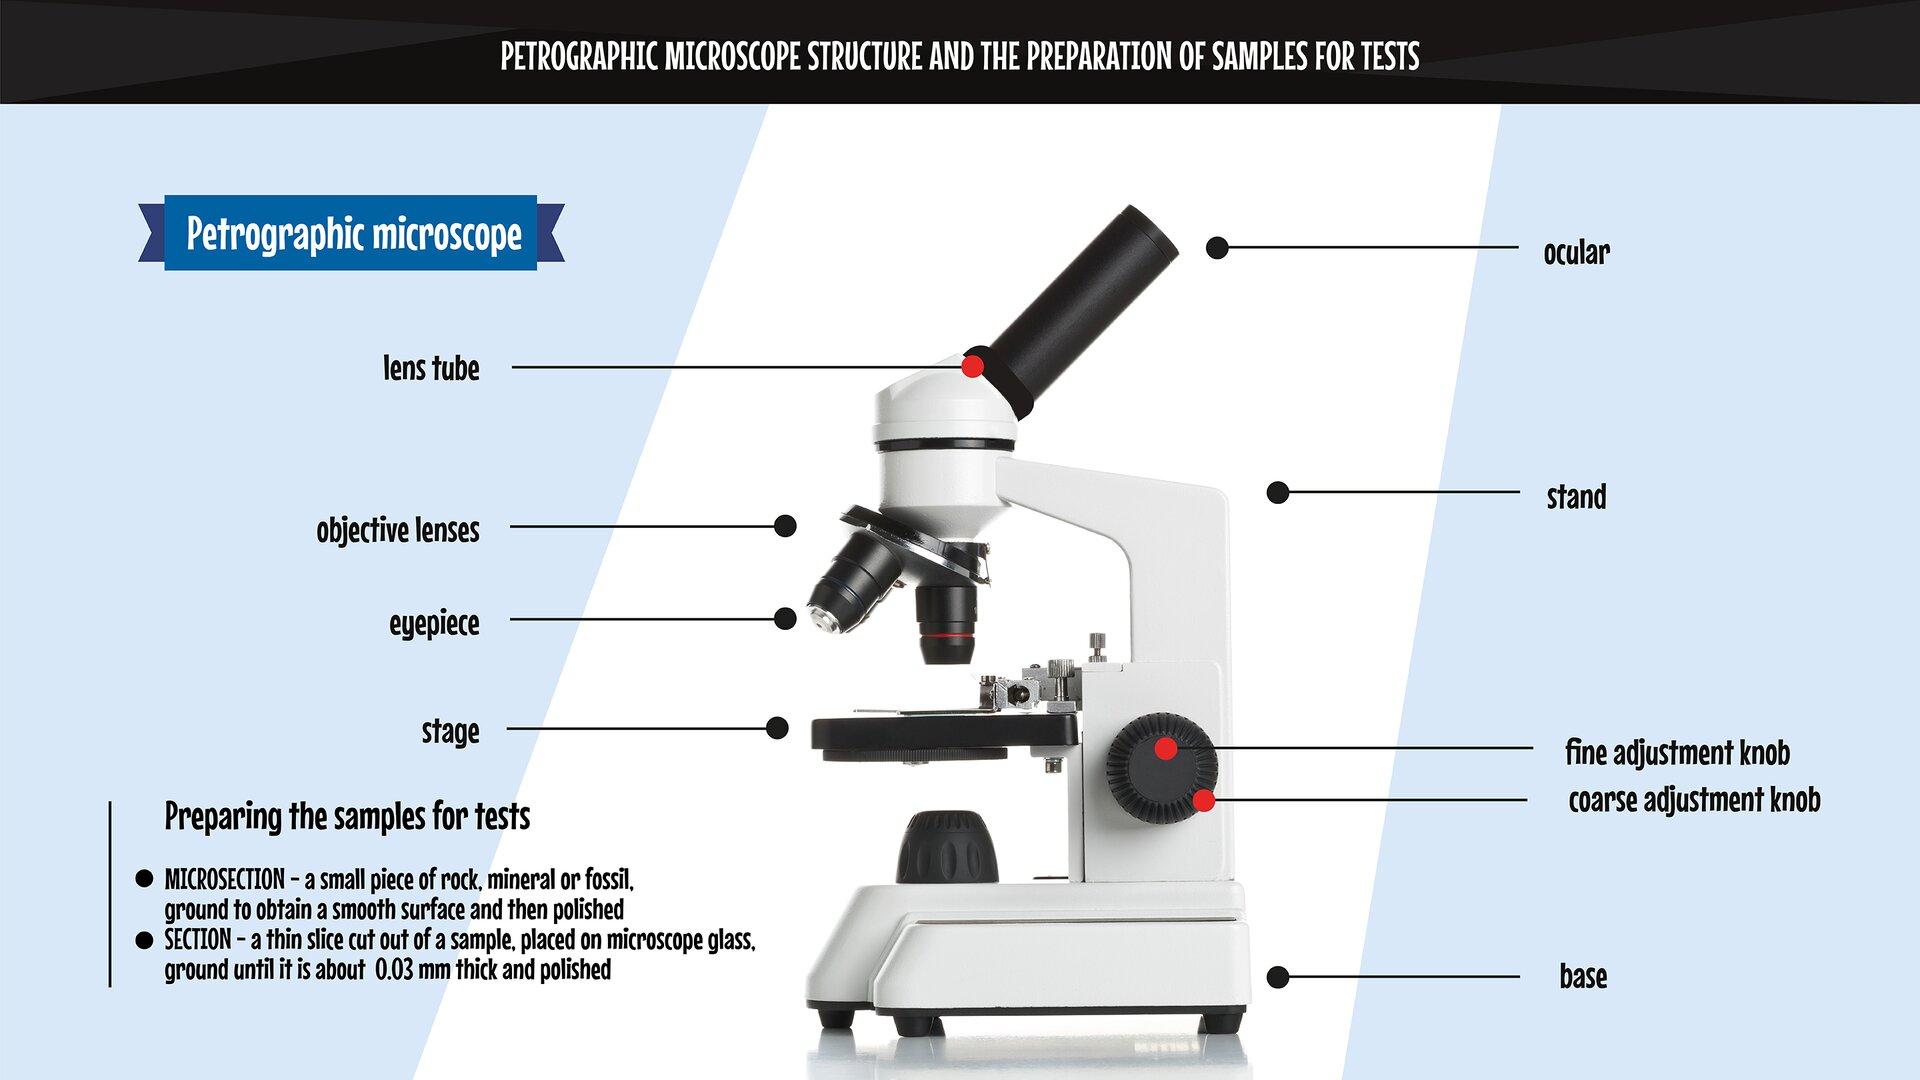 The image presents the elements of apetrographic microscope and the preparation of samples for tests. Grafika przedstawia elementy składowe mikroskopu polaryzacyjnego oraz przygotowania próbek do badania.